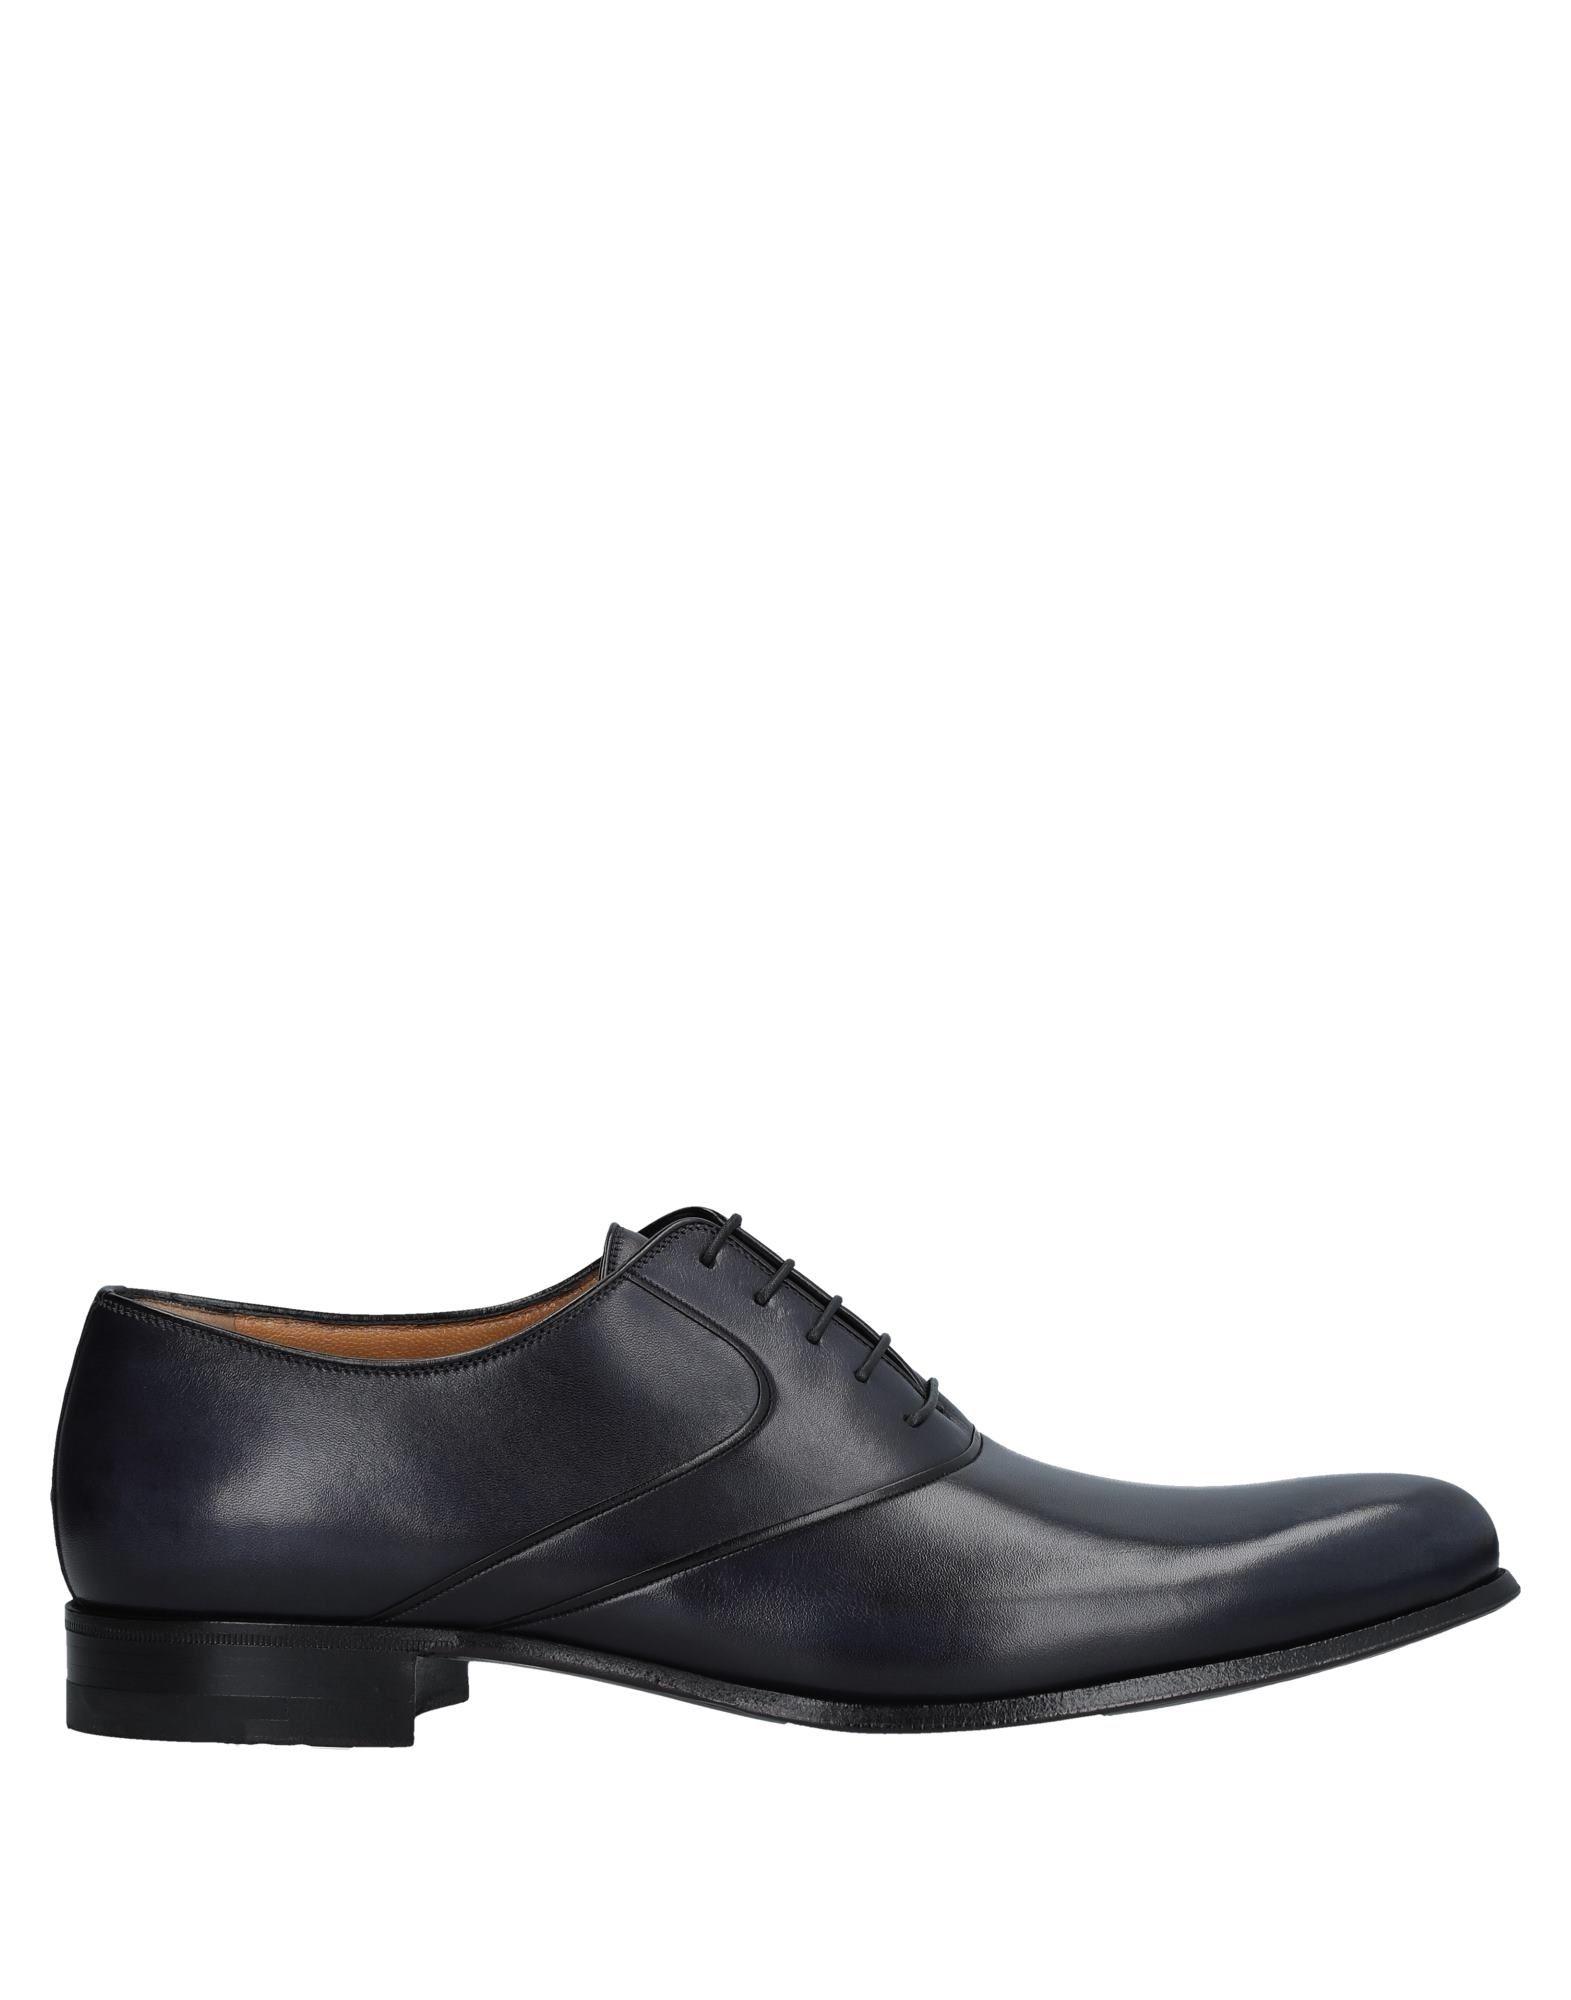 A.Testoni Schnürschuhe Herren  11542865LT Gute Qualität beliebte Schuhe